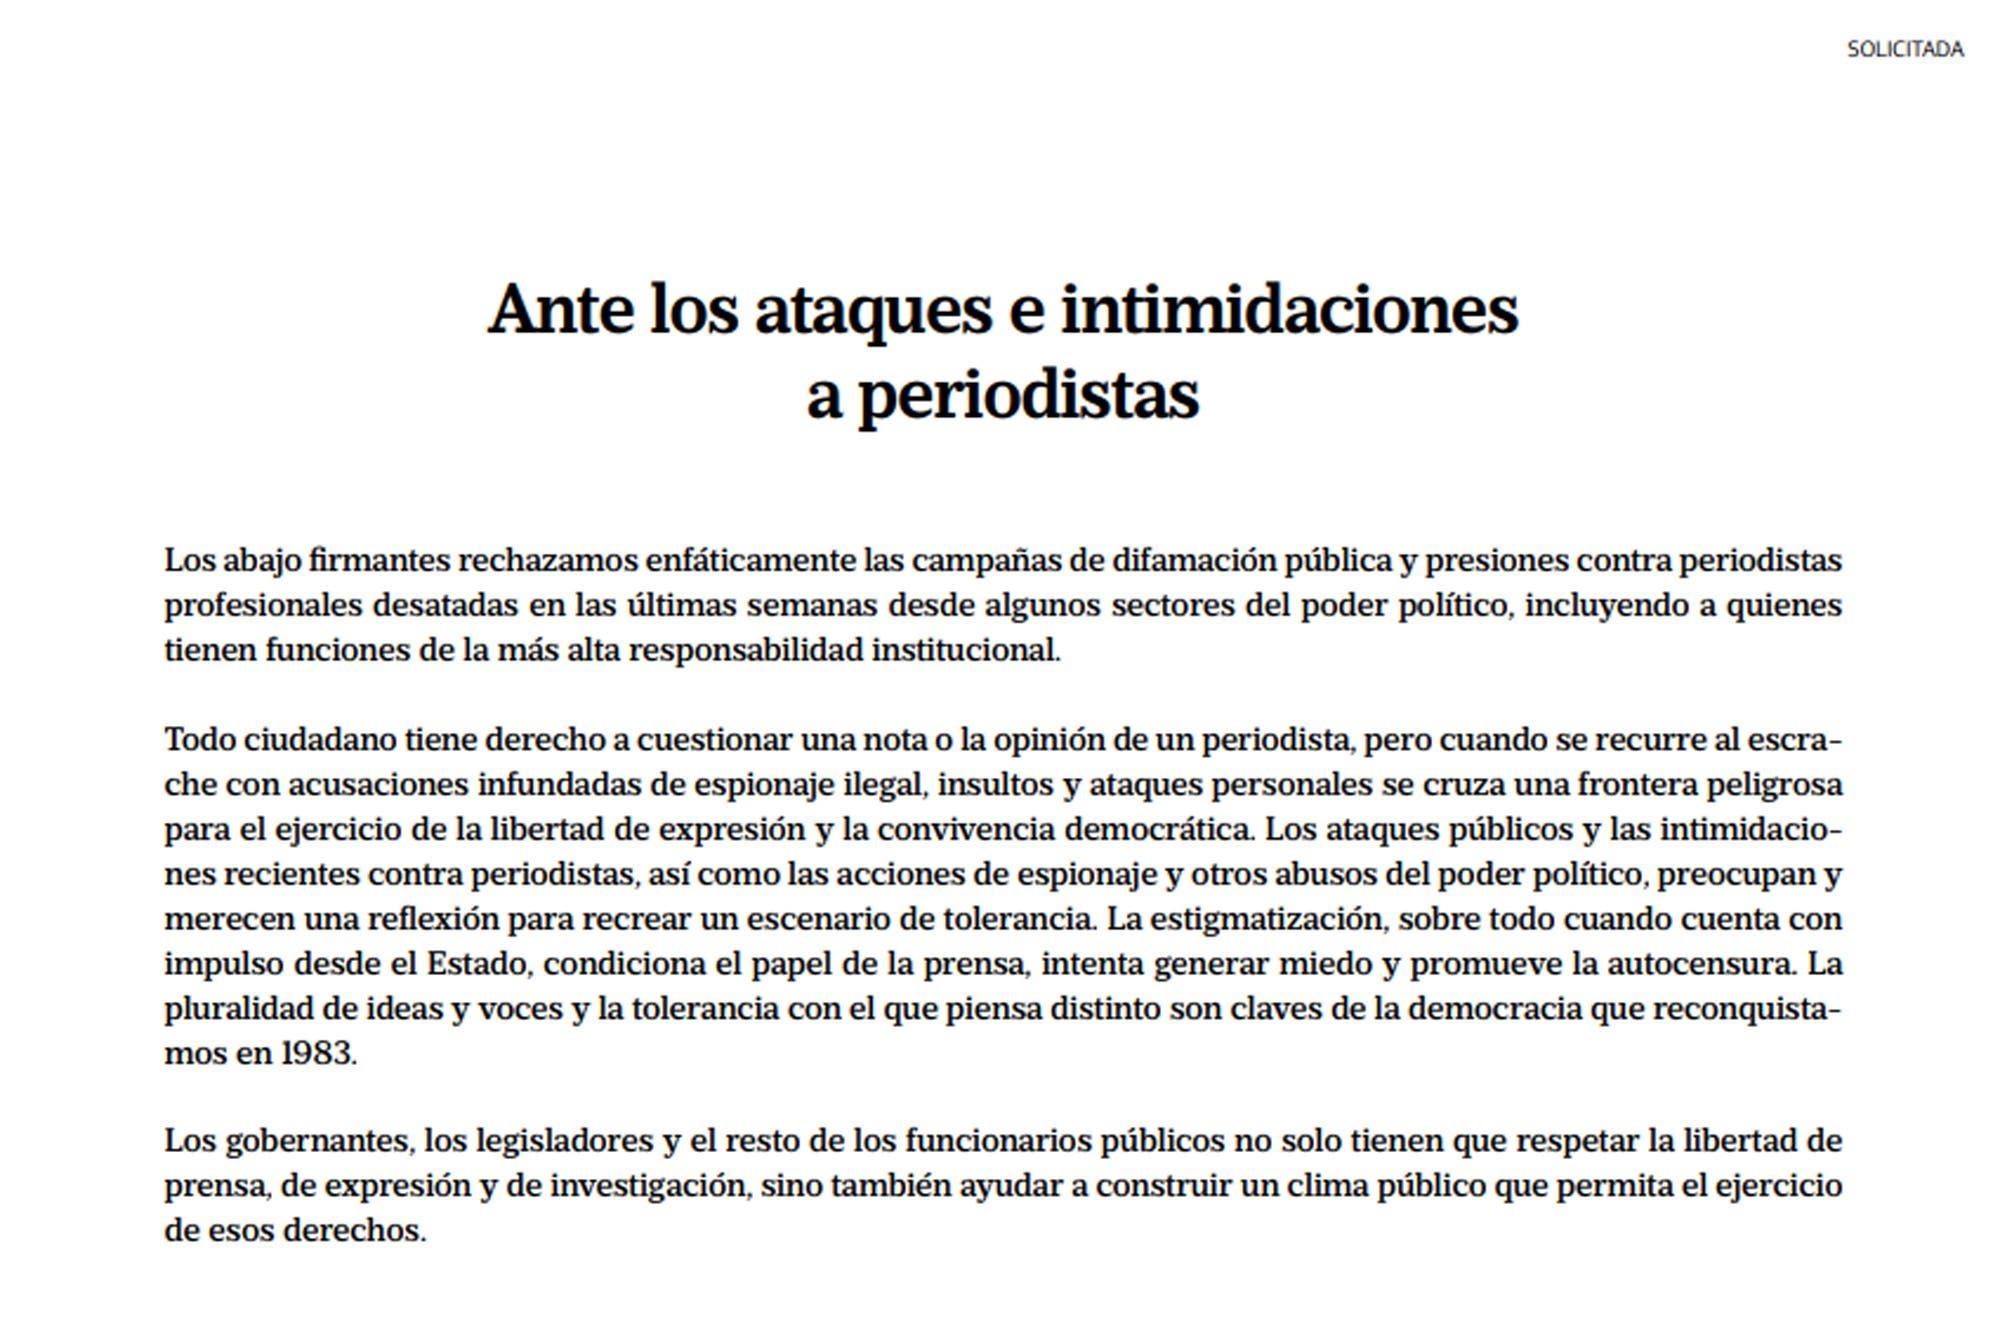 Intimidaciones contra la prensa: más de 300 periodistas firmaron una solicitada en los principales diarios del país